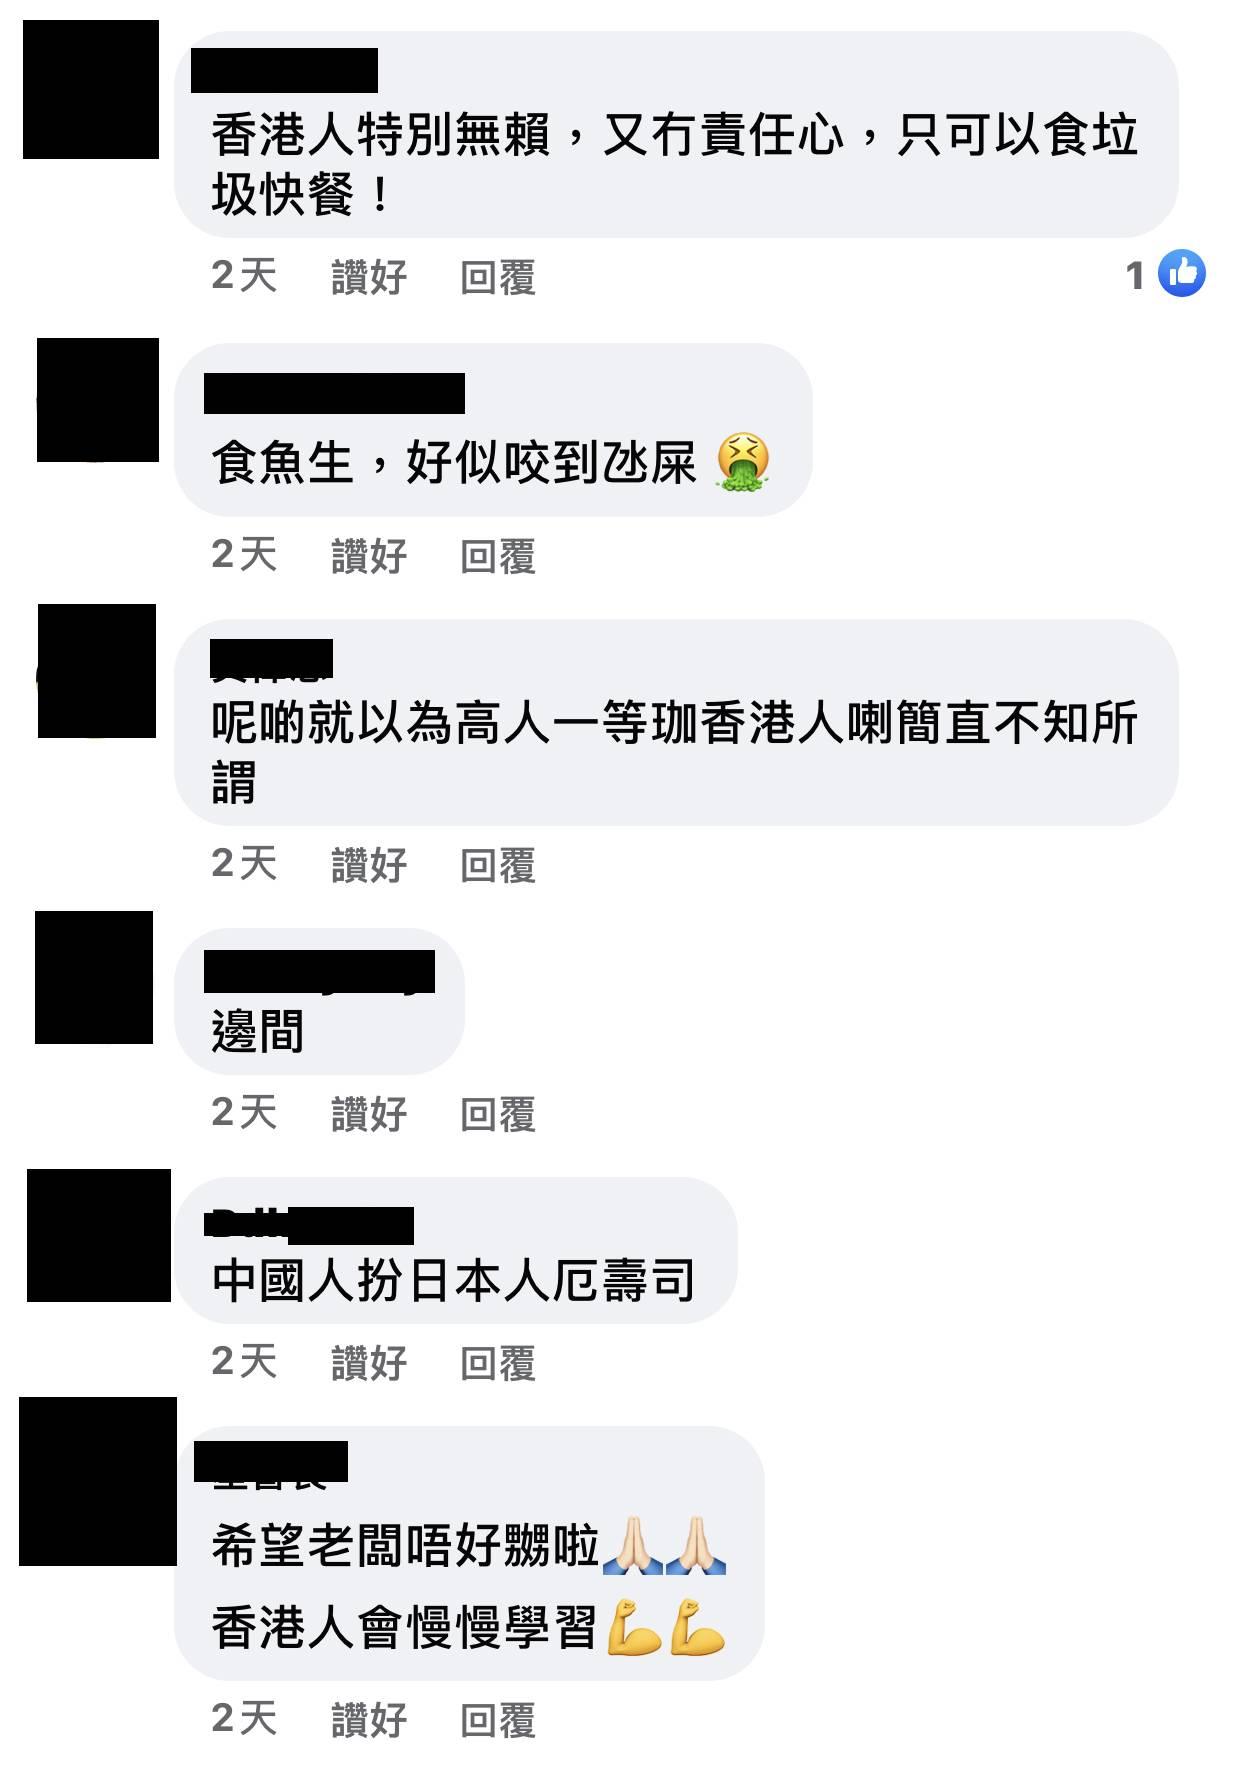 【Omakase】日廚屢遭港客甩底:好傷心!考慮返日本! 網民踢爆:根本就係大陸人扮!